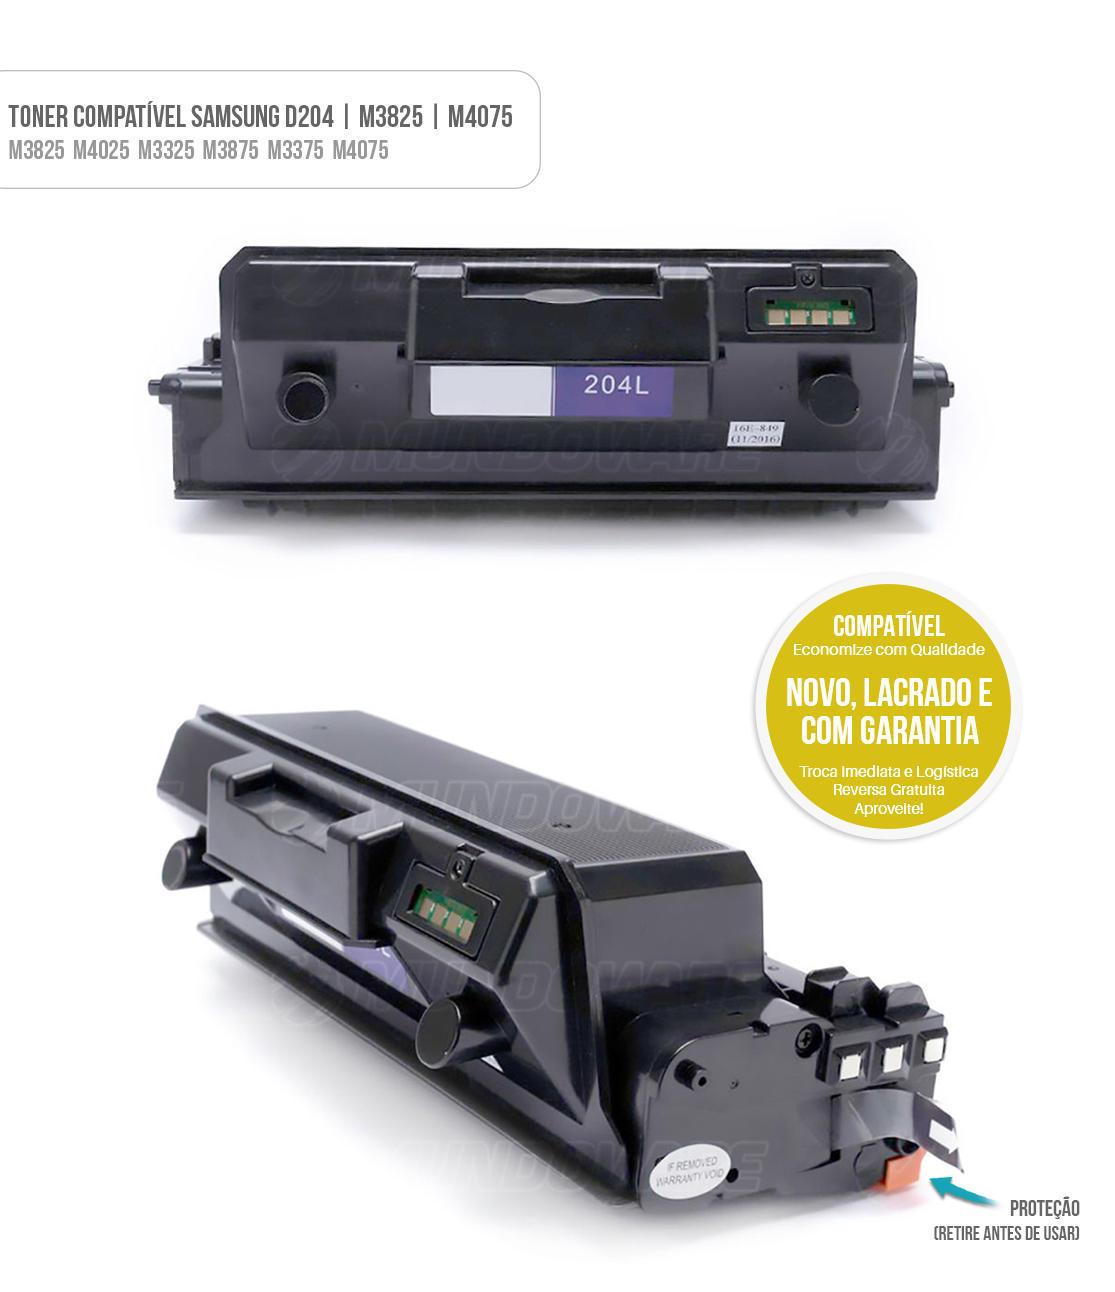 Toner Compativel D204 D204L para Samsung M3325 M3825 M4025 M3375 M3875 M4075